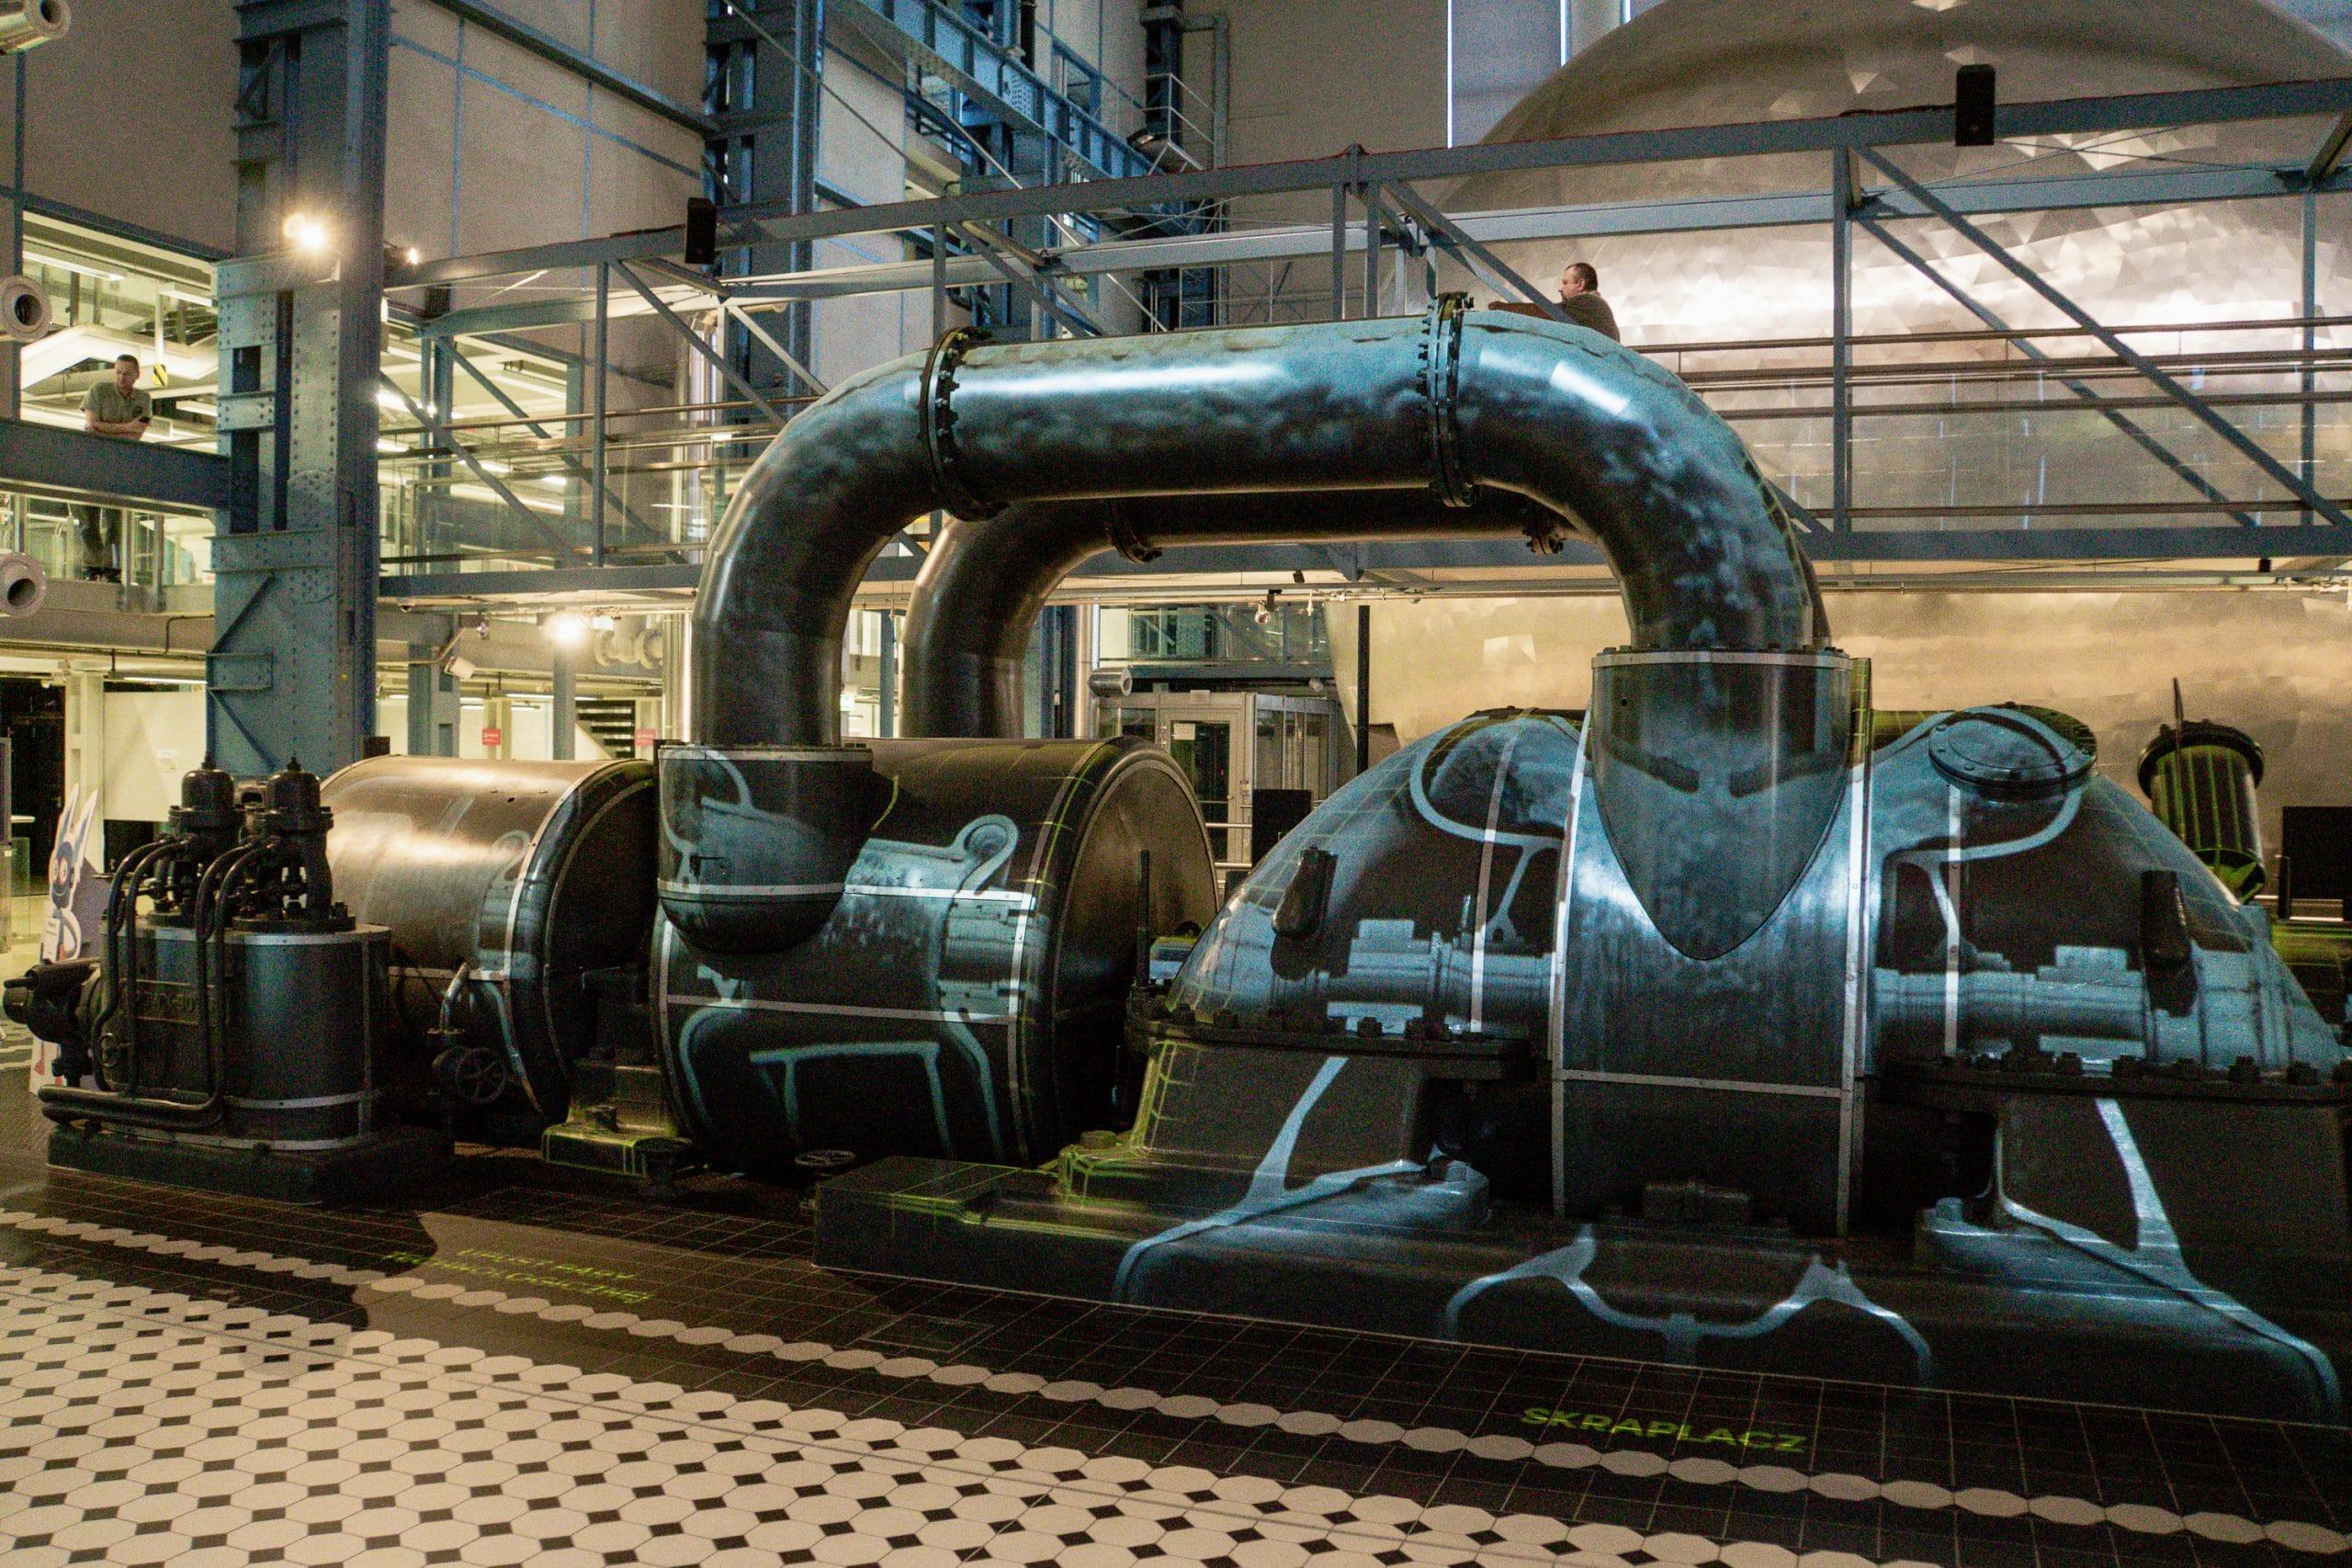 Lodz Top Ten Sehenswürdigkeiten - Highlights für euren Städtetrip in Polen - EC 1 Technikmuseum